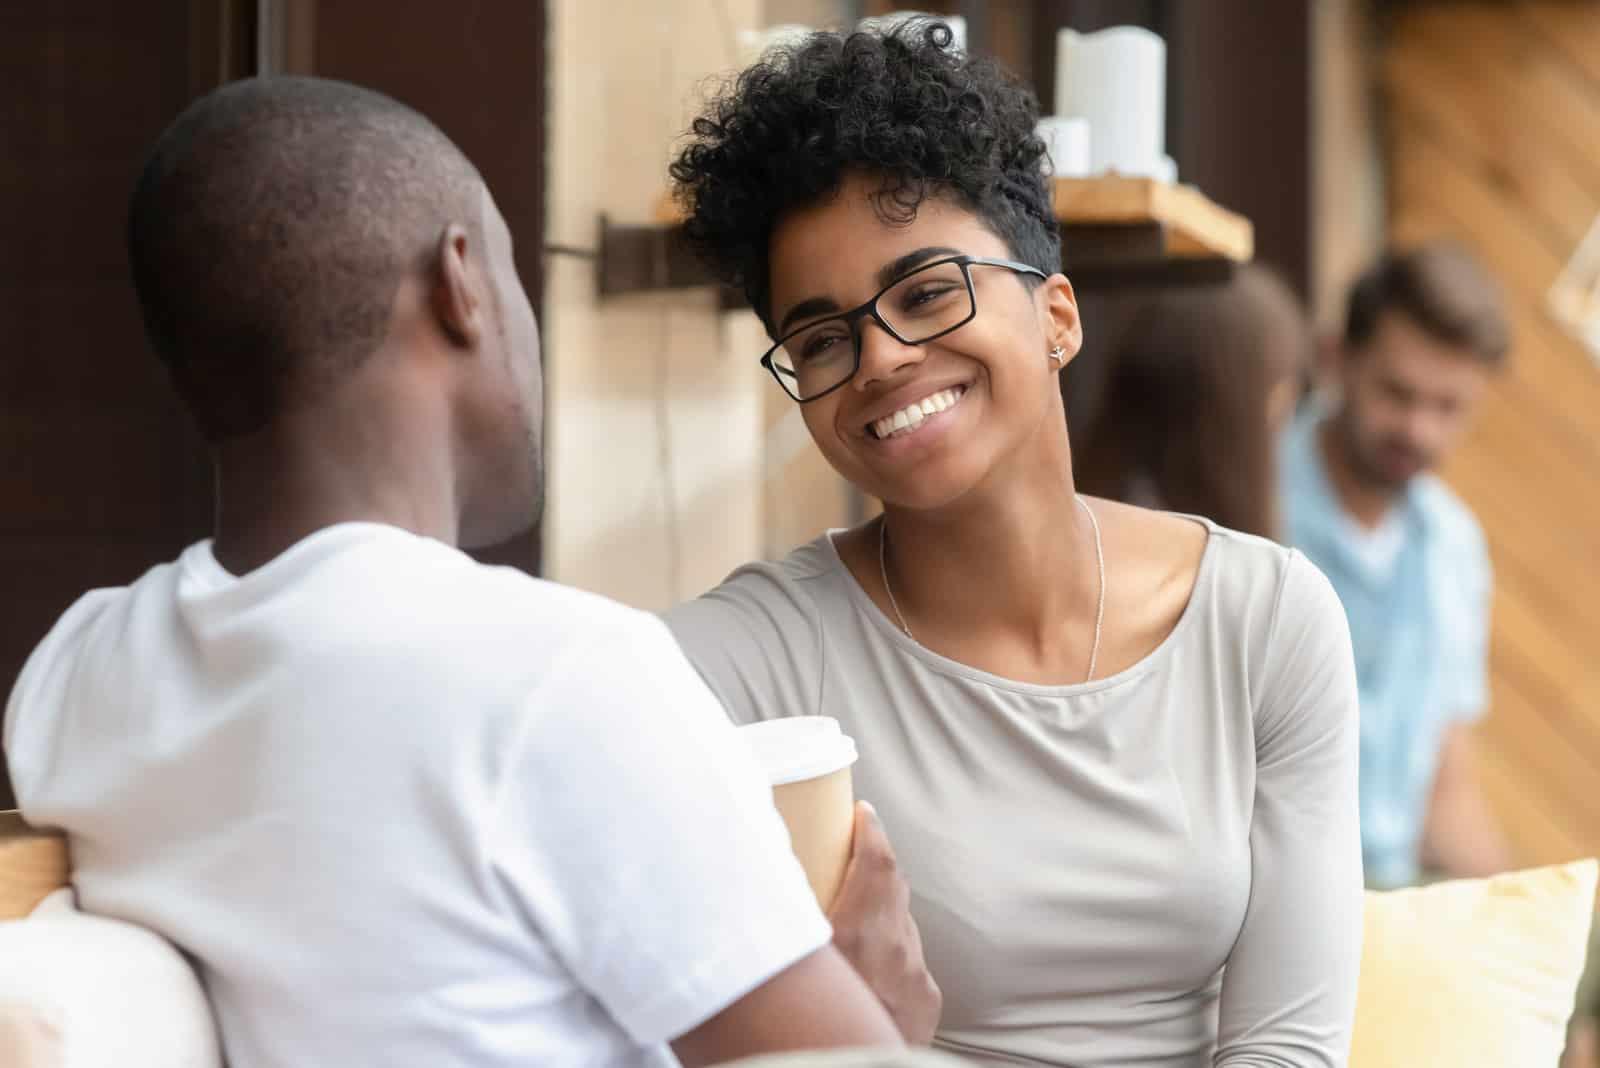 un homme et une femme rient et parlent